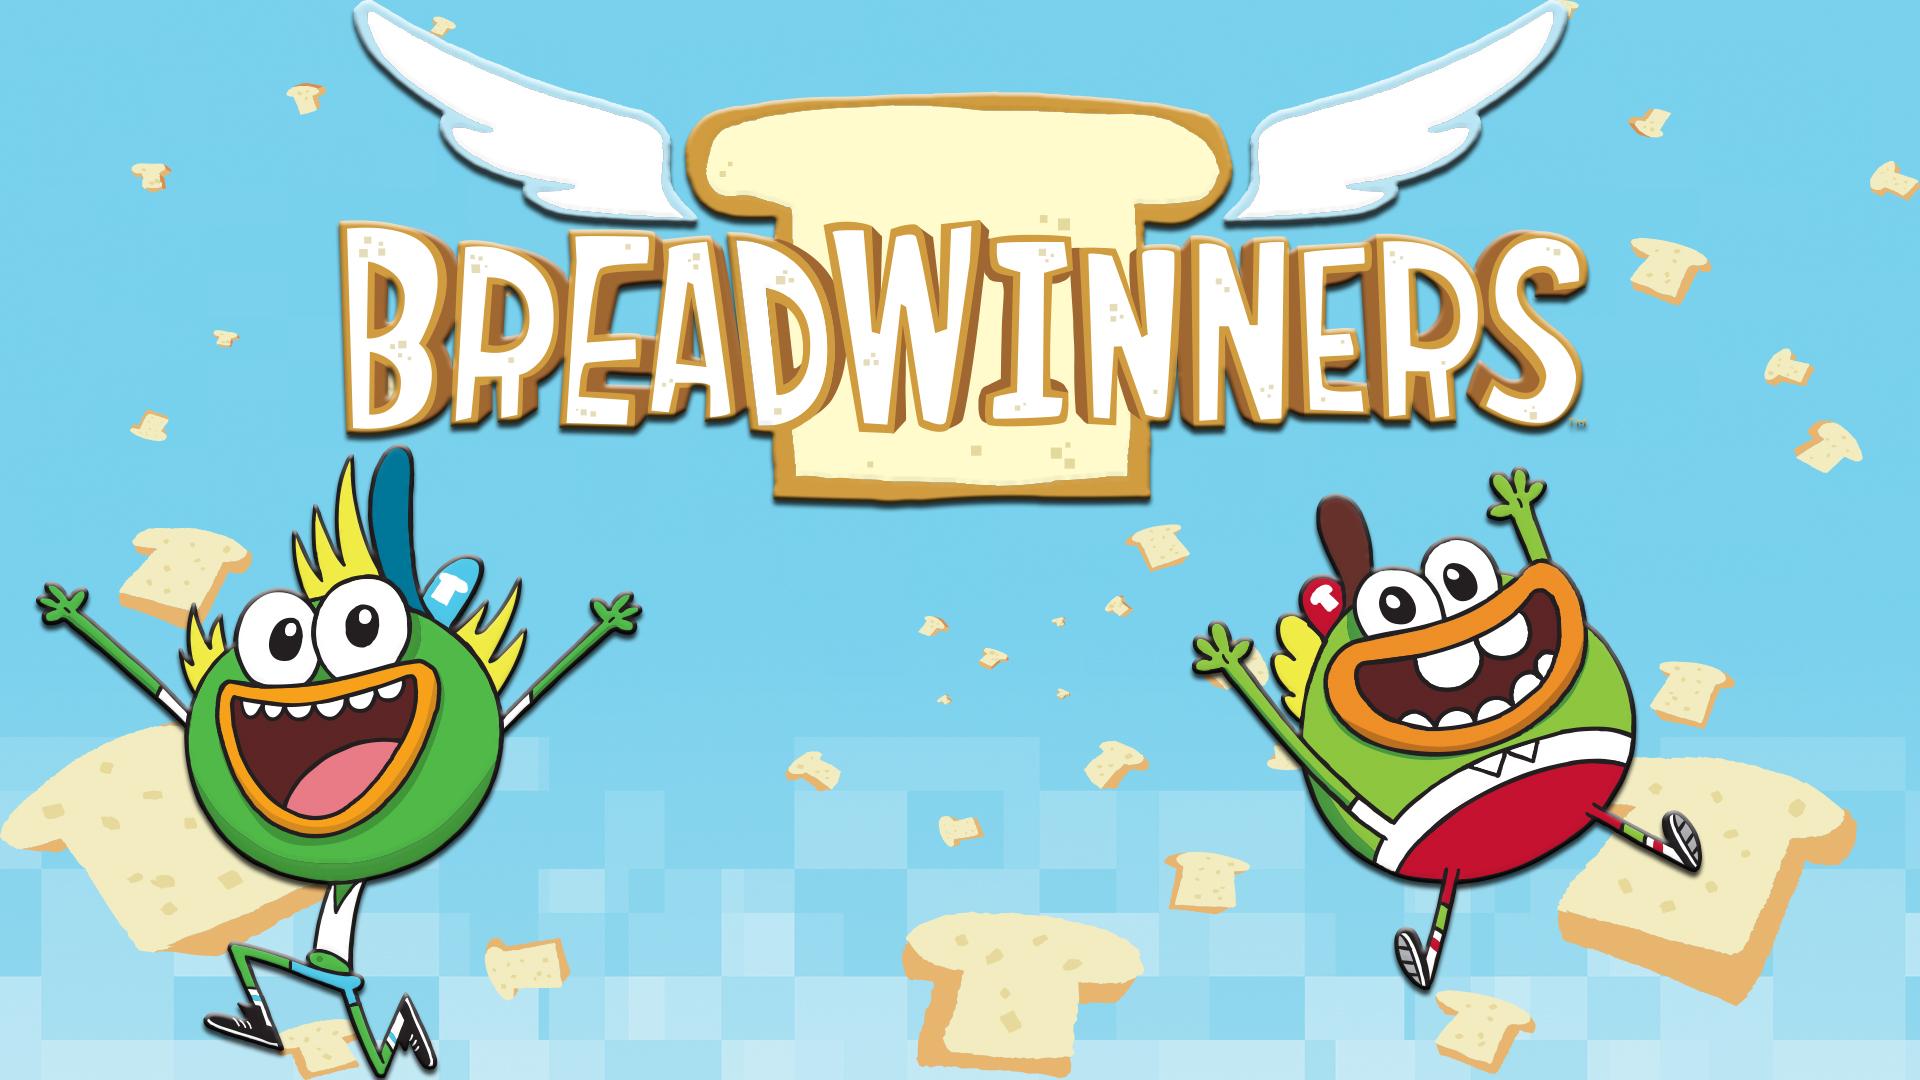 Watch Breadwinners Online - Stream Full Episodes